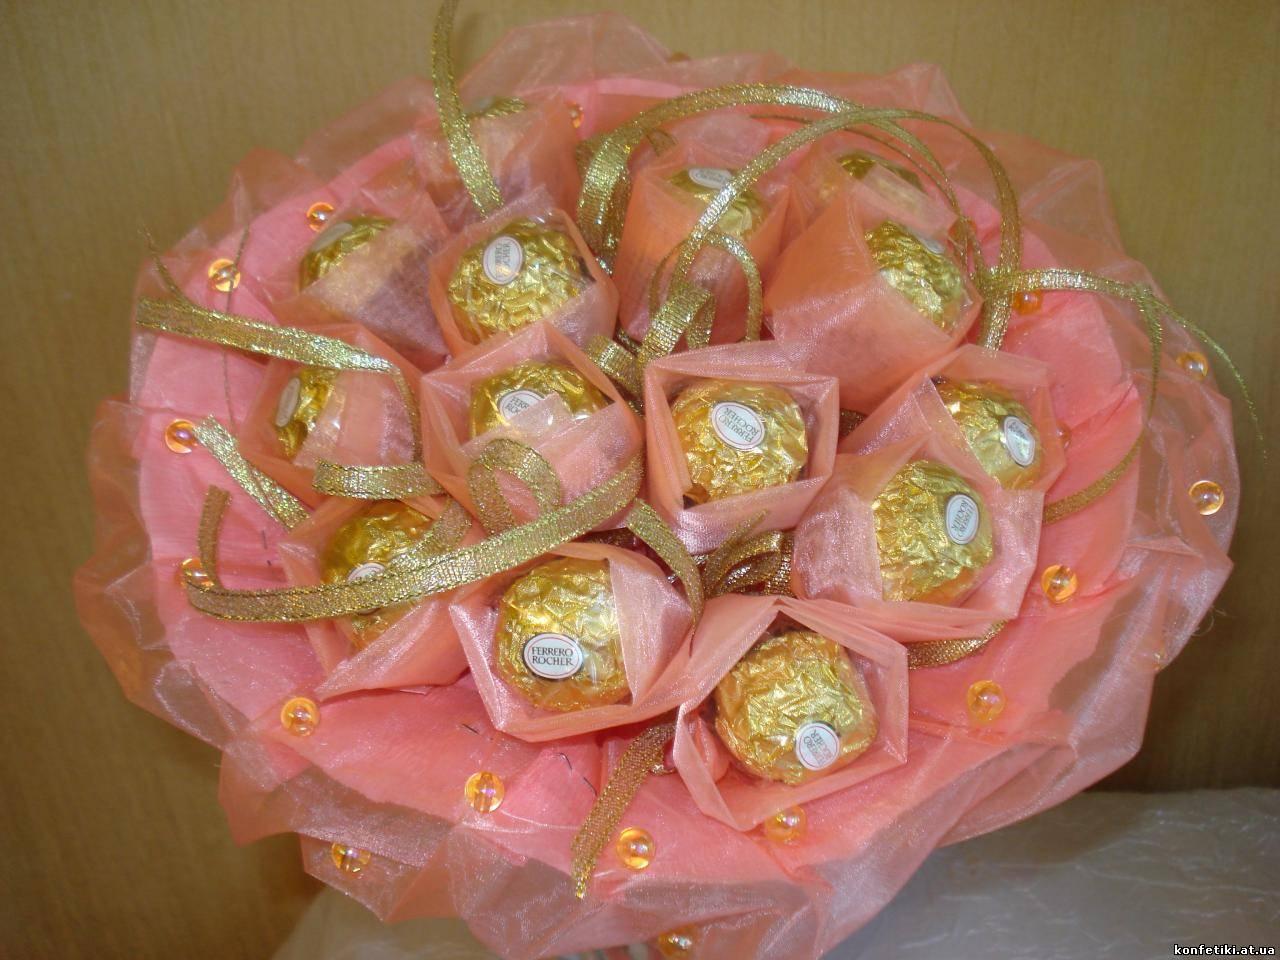 Букет из конфет своими руками: пошагово с фото - Мир Позитива 79